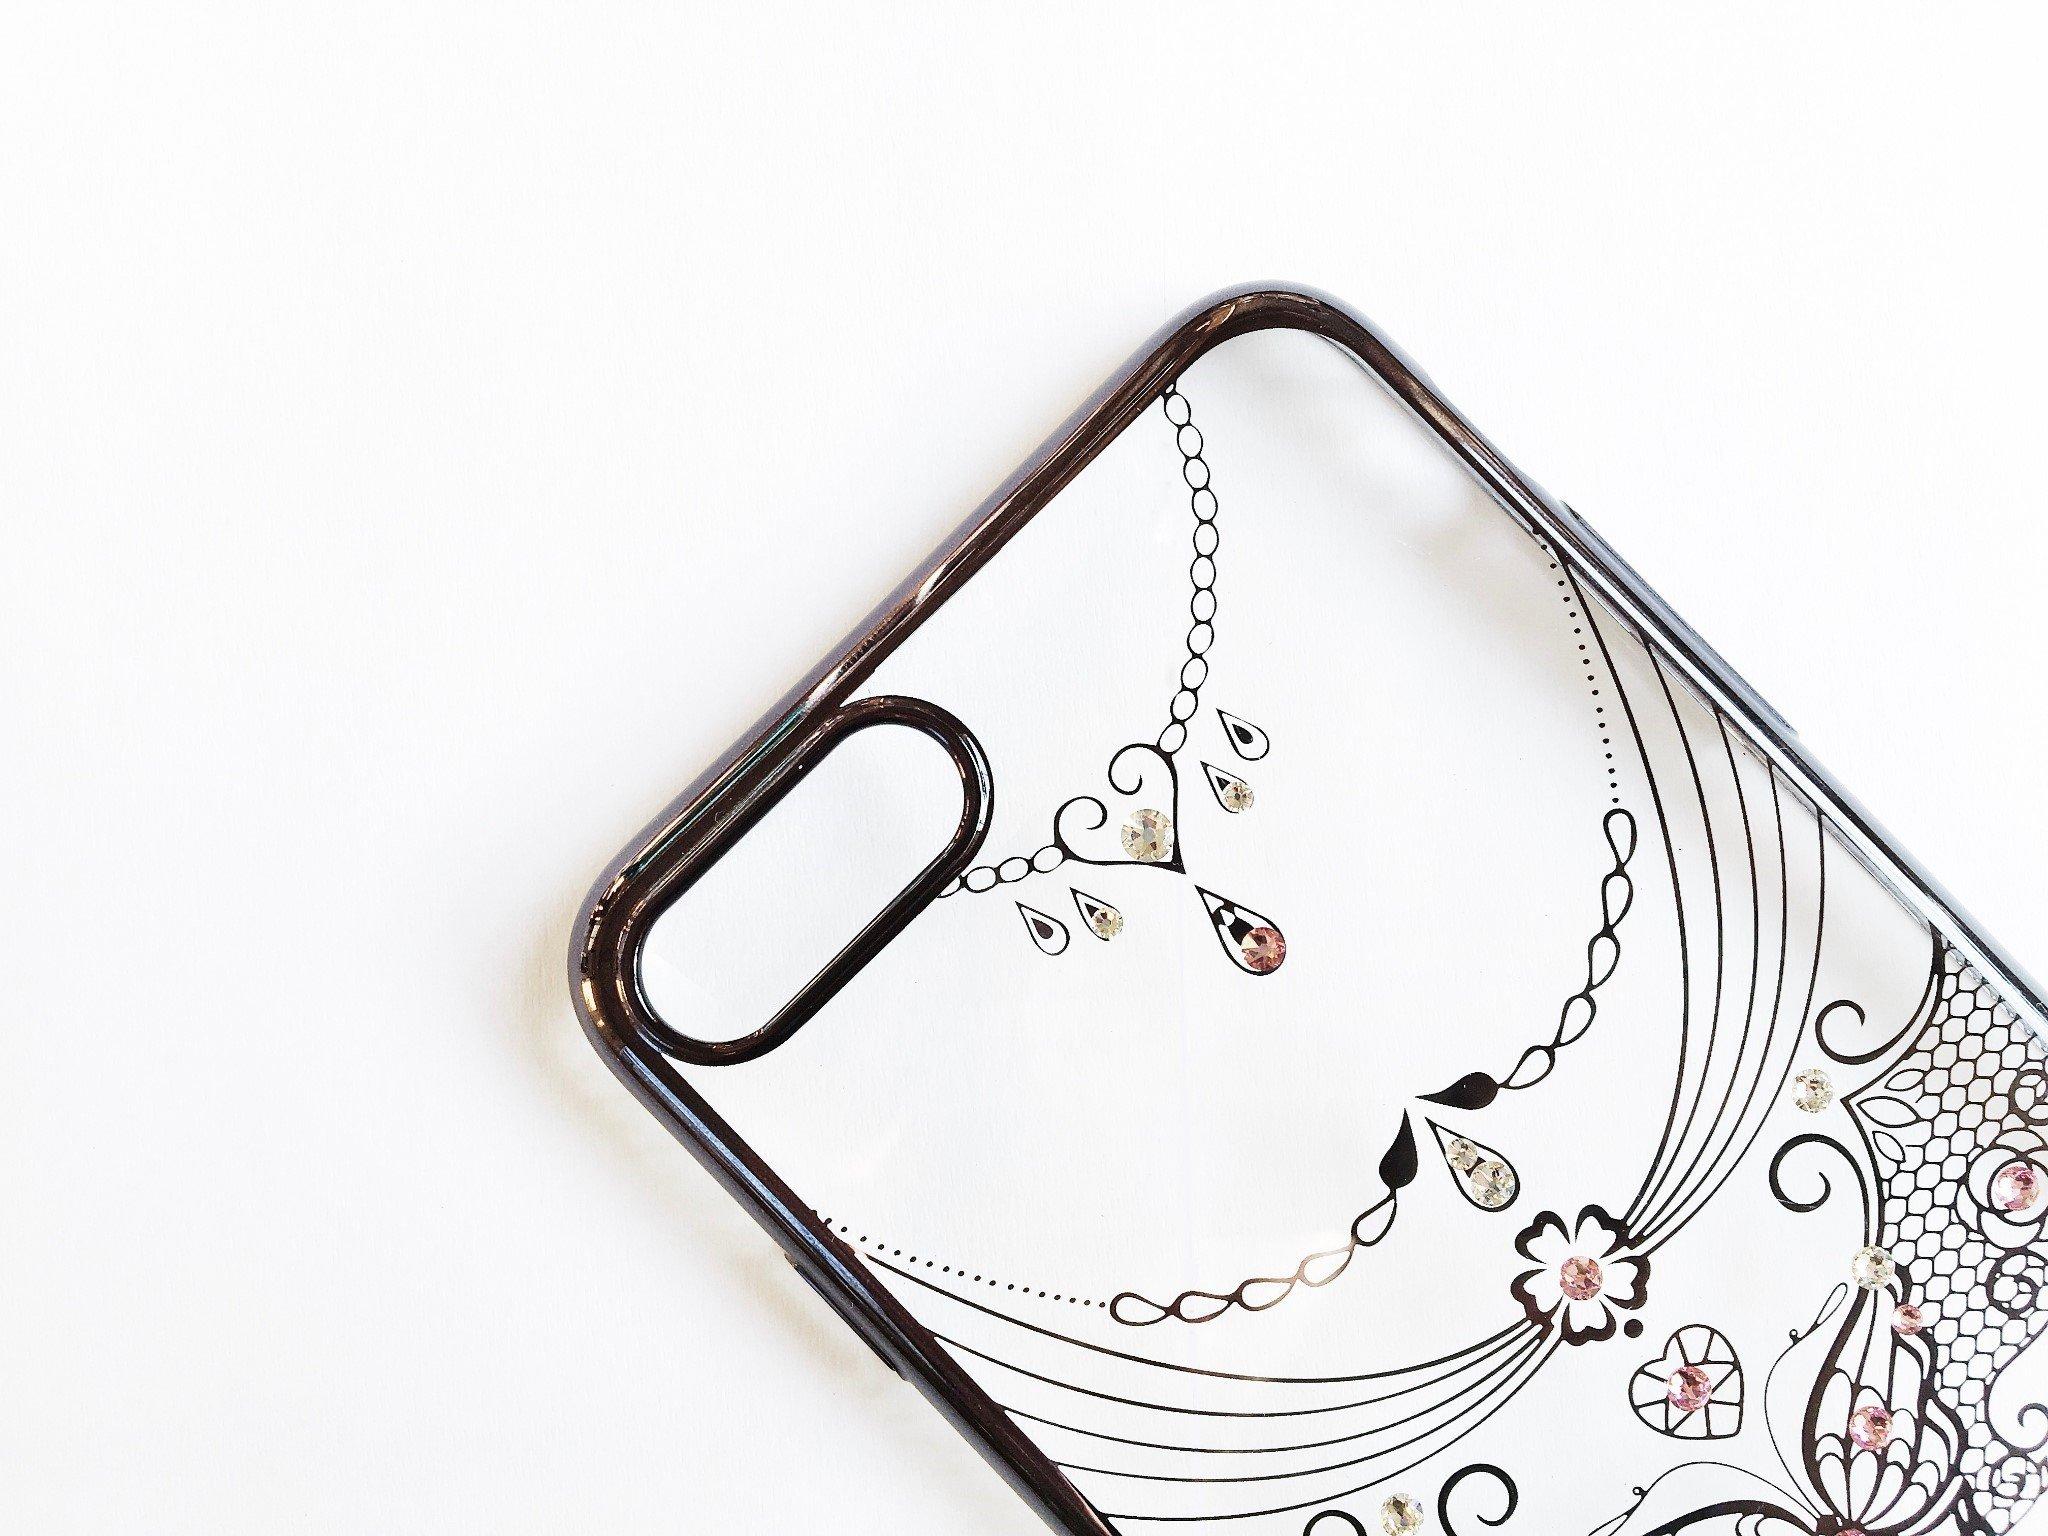 Ốp lưng iPhone 8 / iPhone 7 Tuxedo Crystal đính đá Swarovski in hình Đôi cánh đen